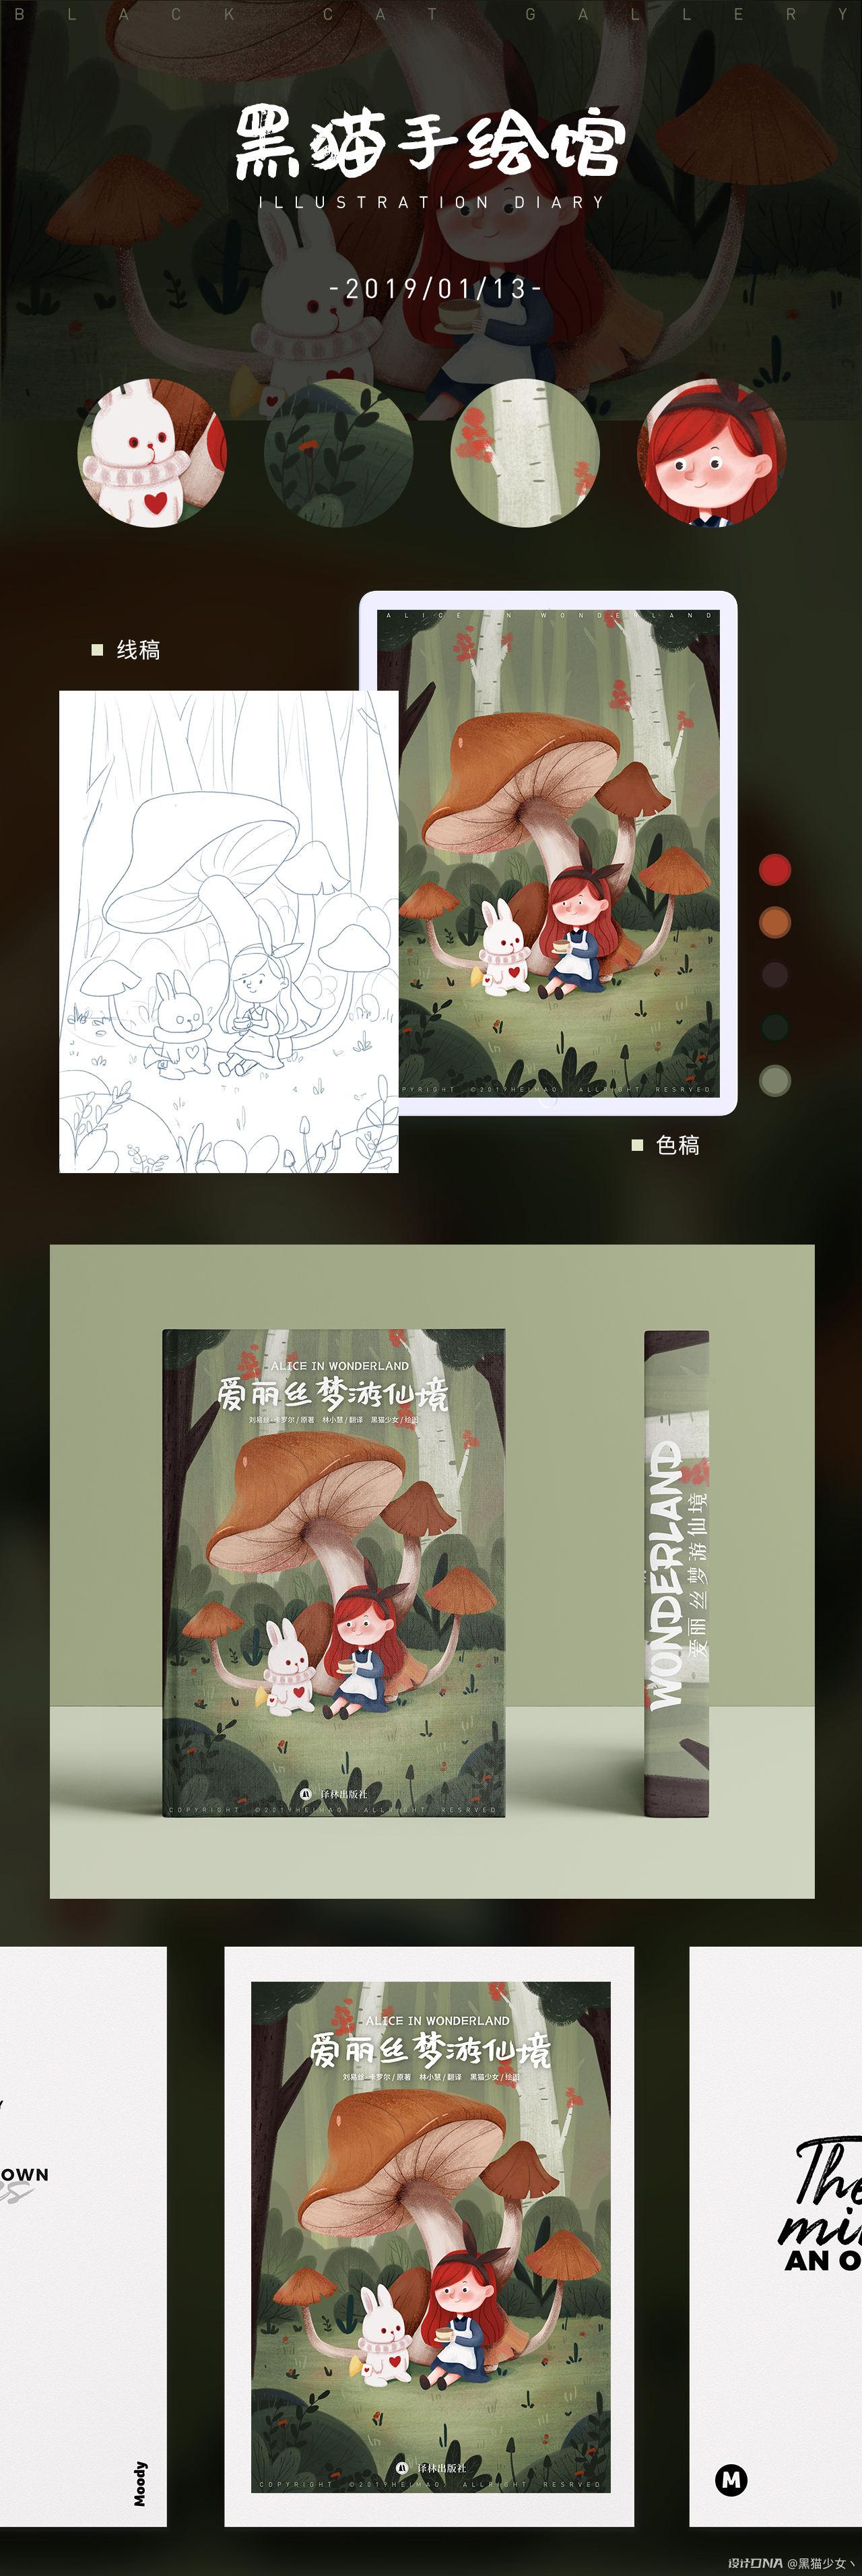 儿插封面-爱丽丝梦游仙境 图1